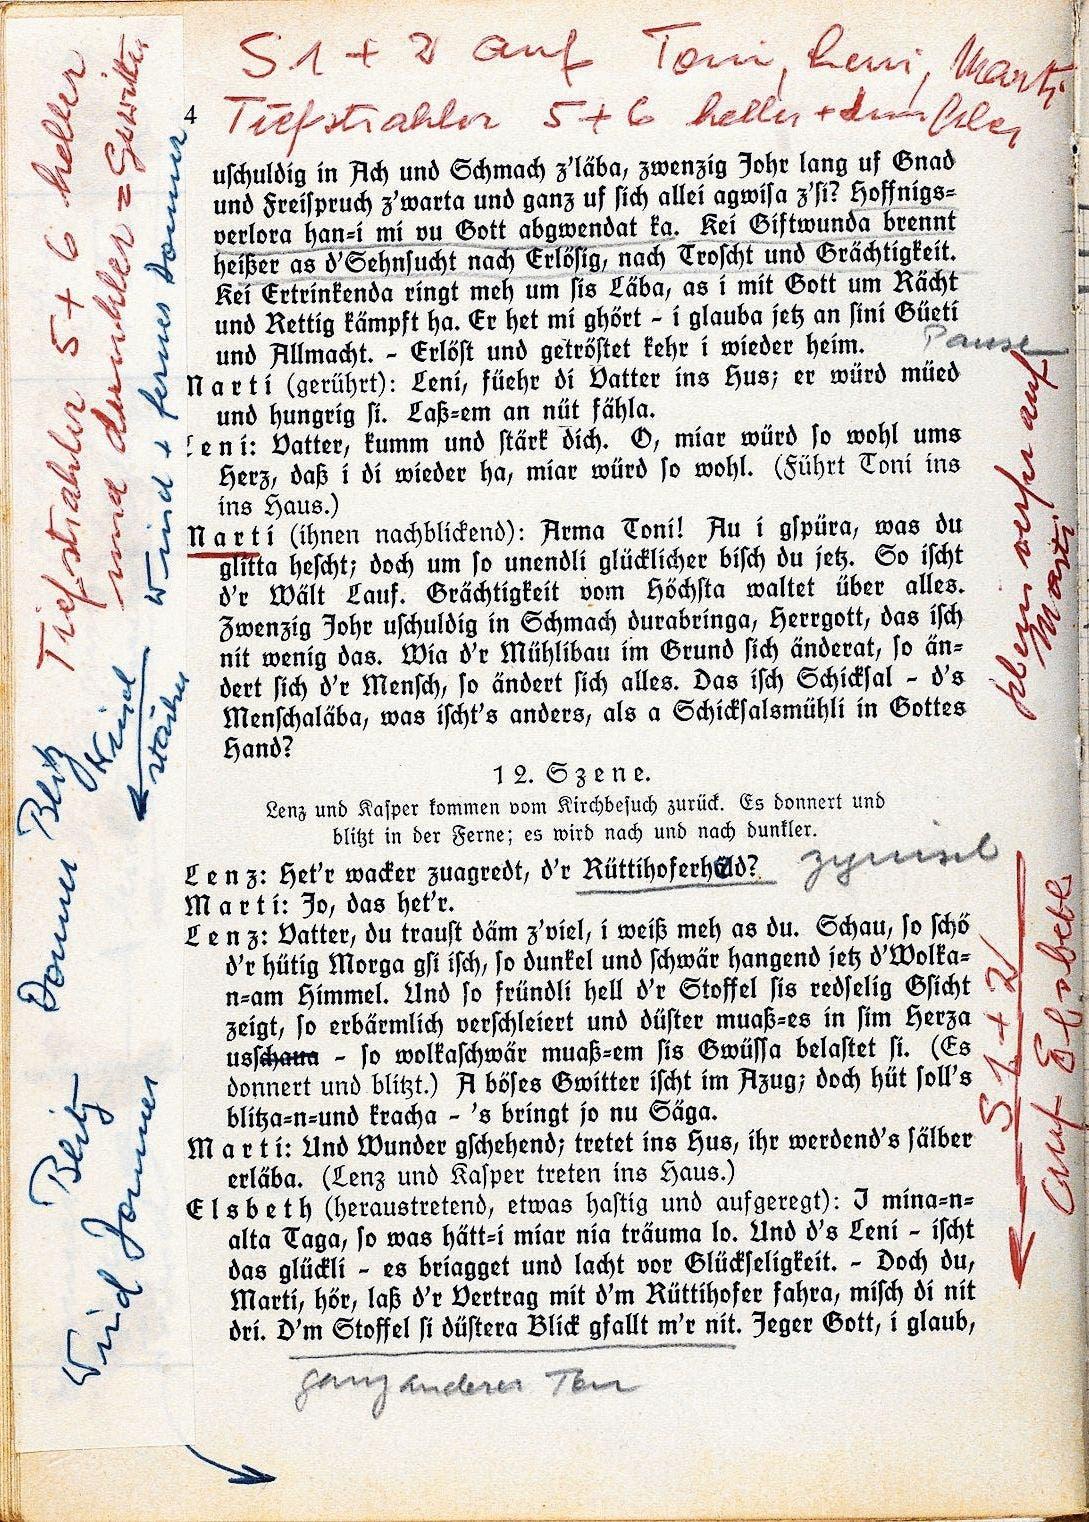 Notizen von Hans Segenreich auf einer Seite im Textbuch «Die Schicksalsmühle».